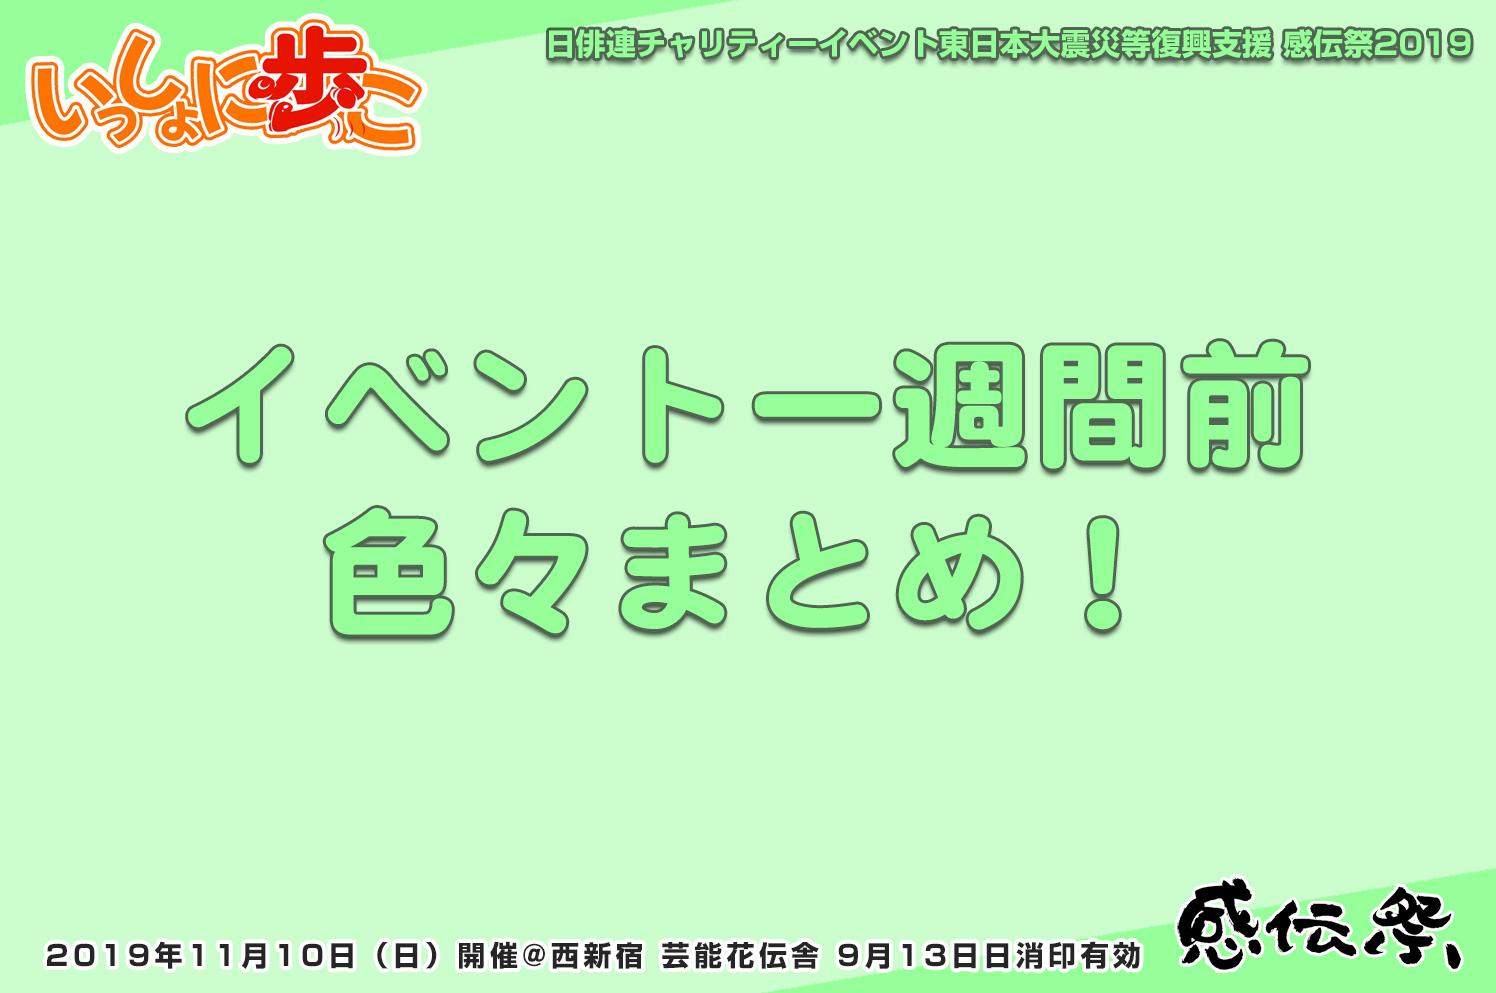 要チェック!!1週間前イベントまとめ*追記アリ:11月9日)